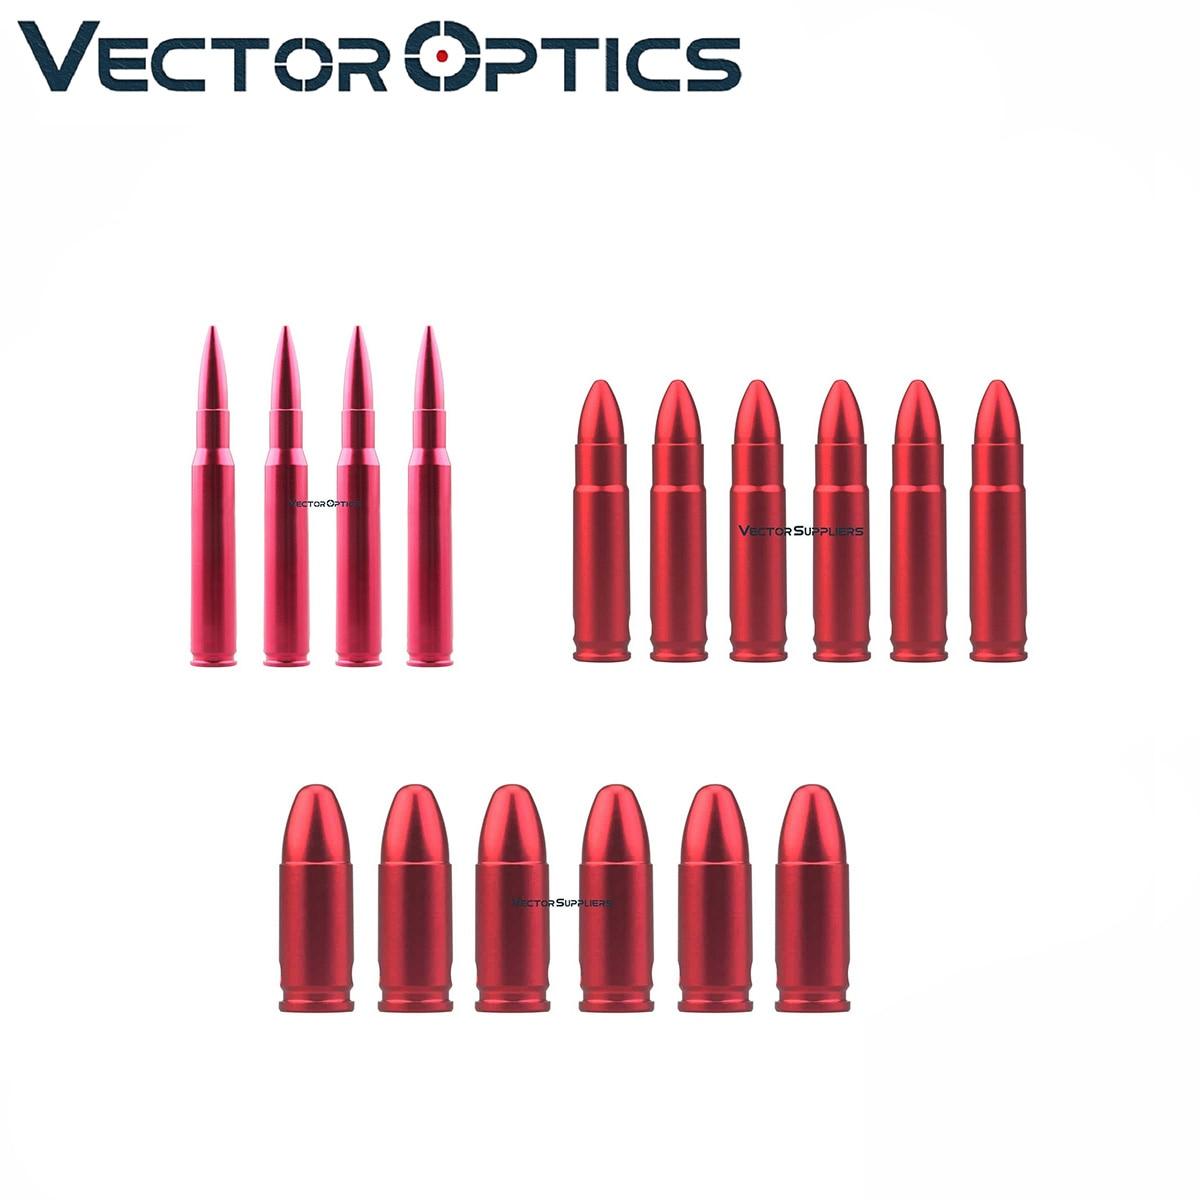 Векторная оптика, металлические многоразовые колпачки для ружья 223 Ремингтон, 7,62x51 мм, 12 Калибр, 9 мм,.300, тренировочная винтовка для пистолета